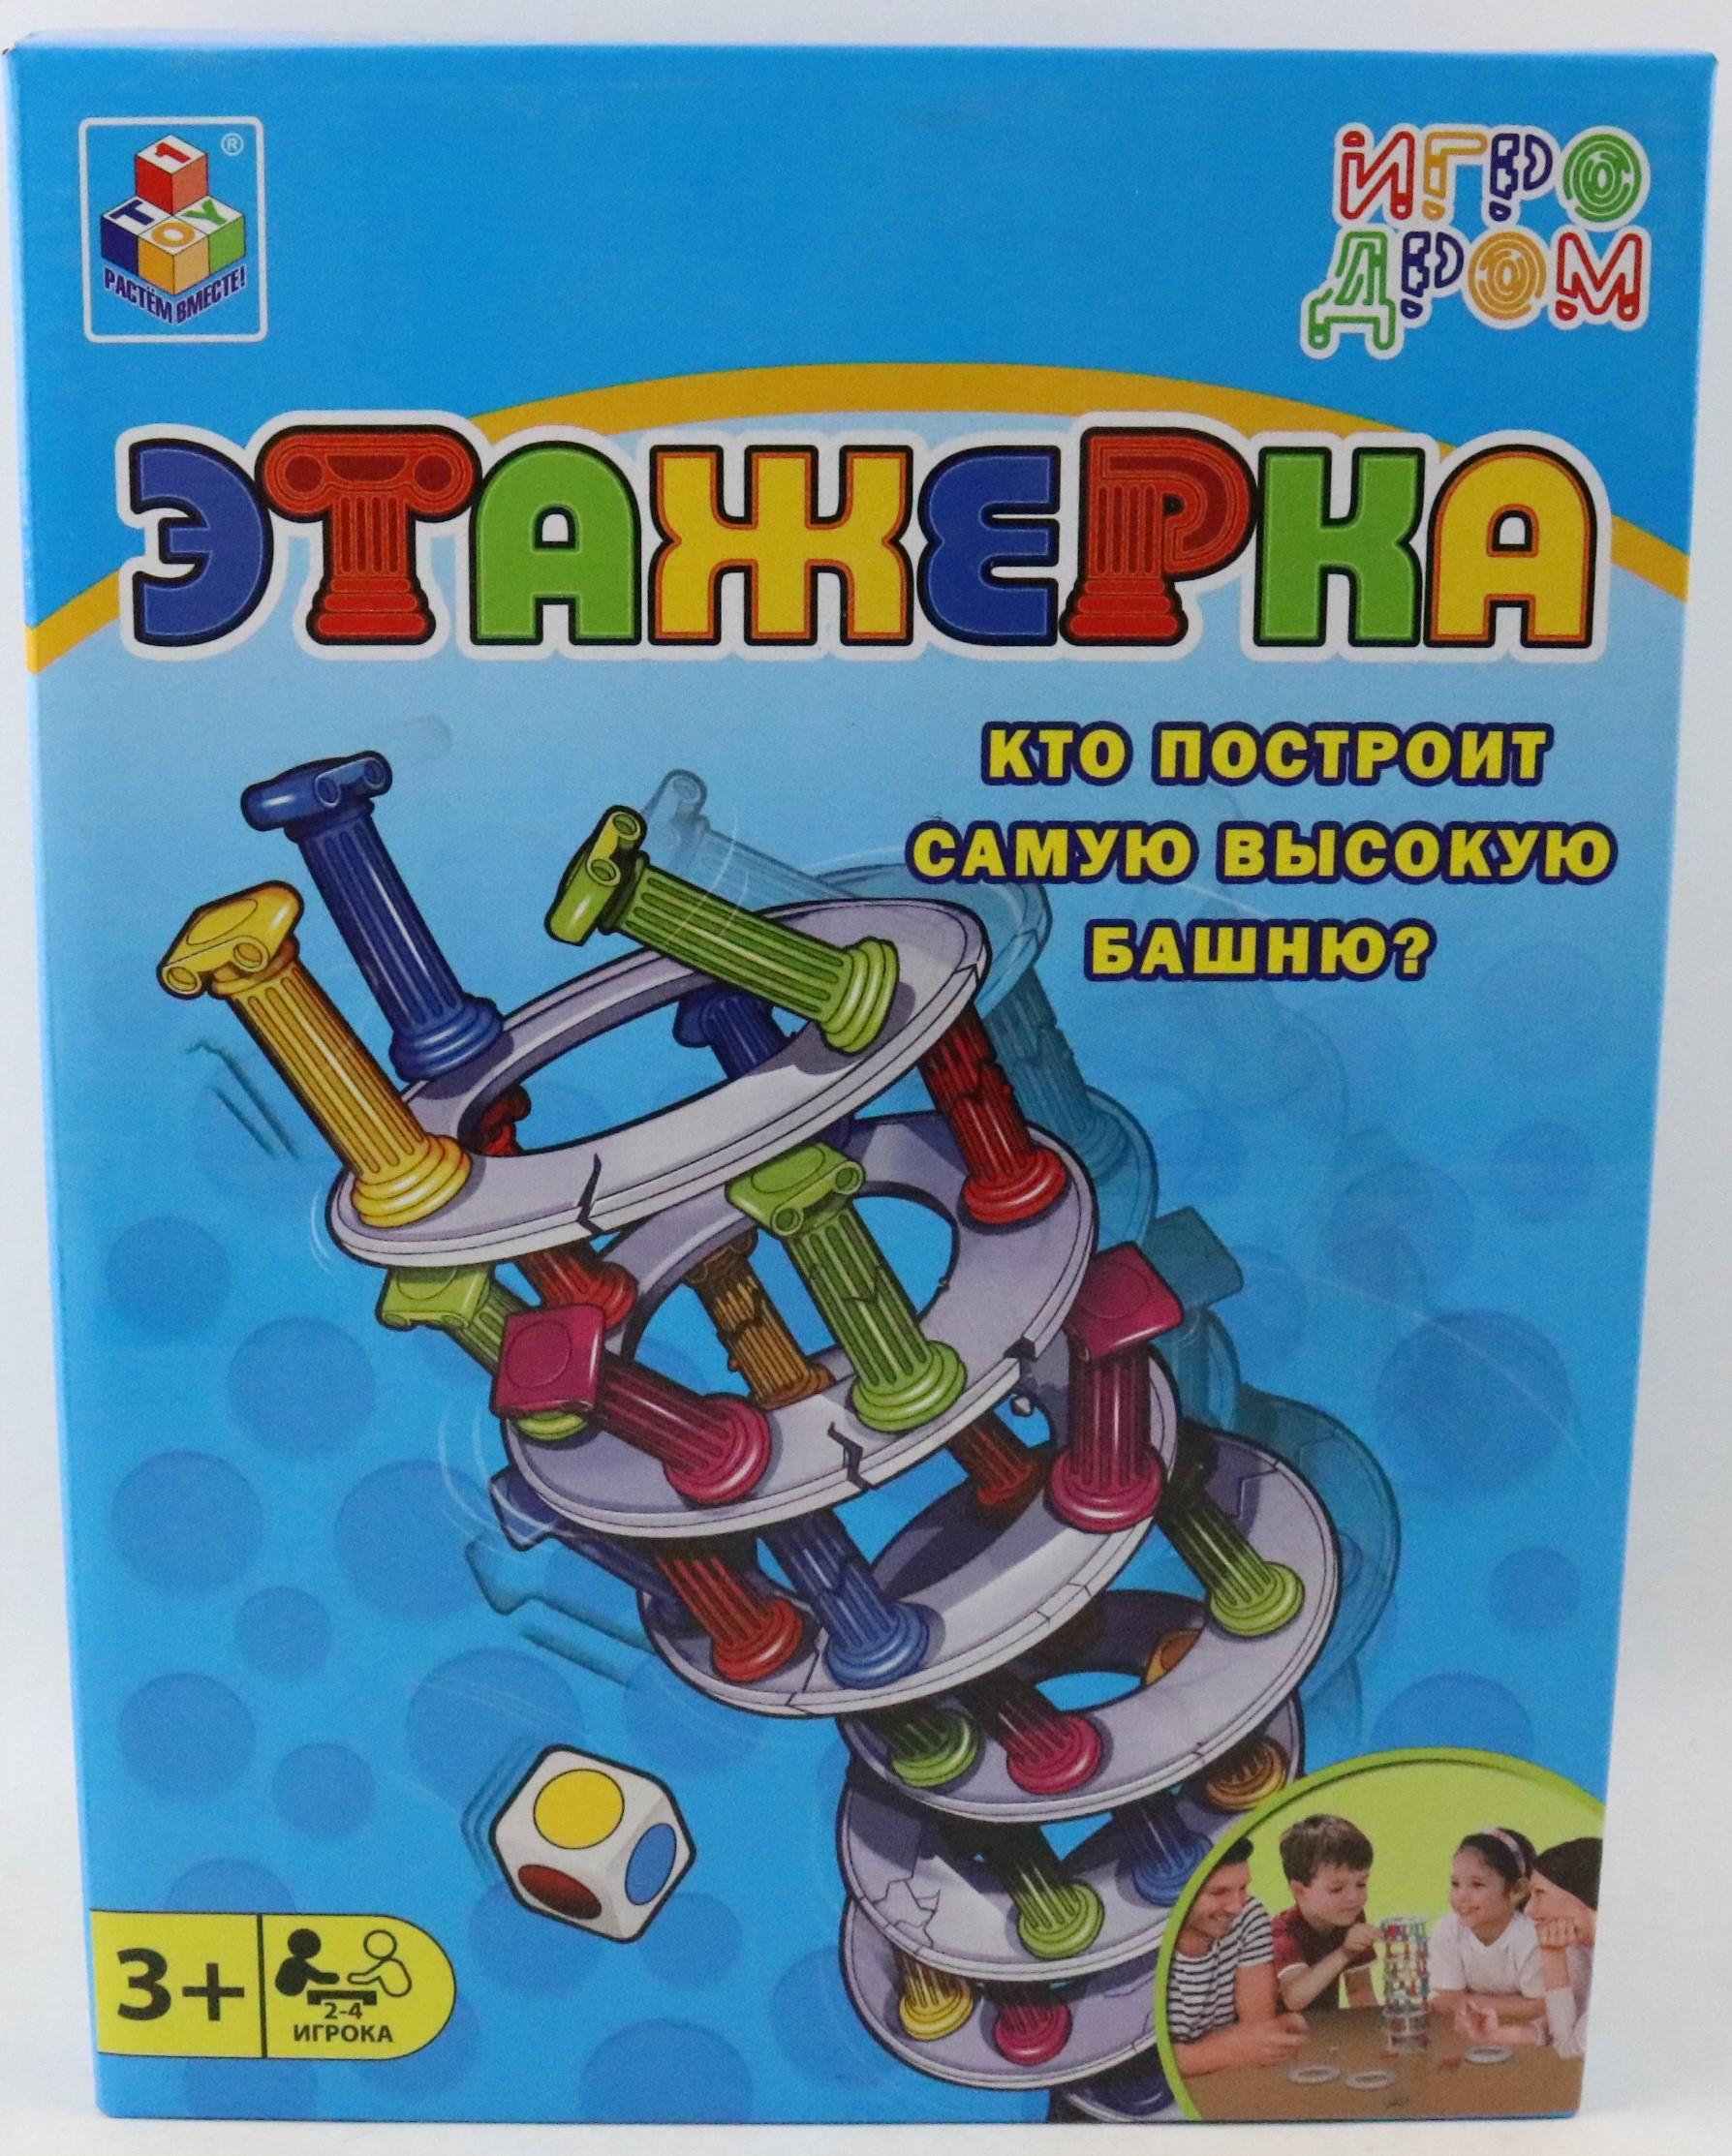 Купить 1 TOY Игра настольная Игродром. Этажерка [Т13544], 208 x 103 x 280 мм, пластик, Настольные игры